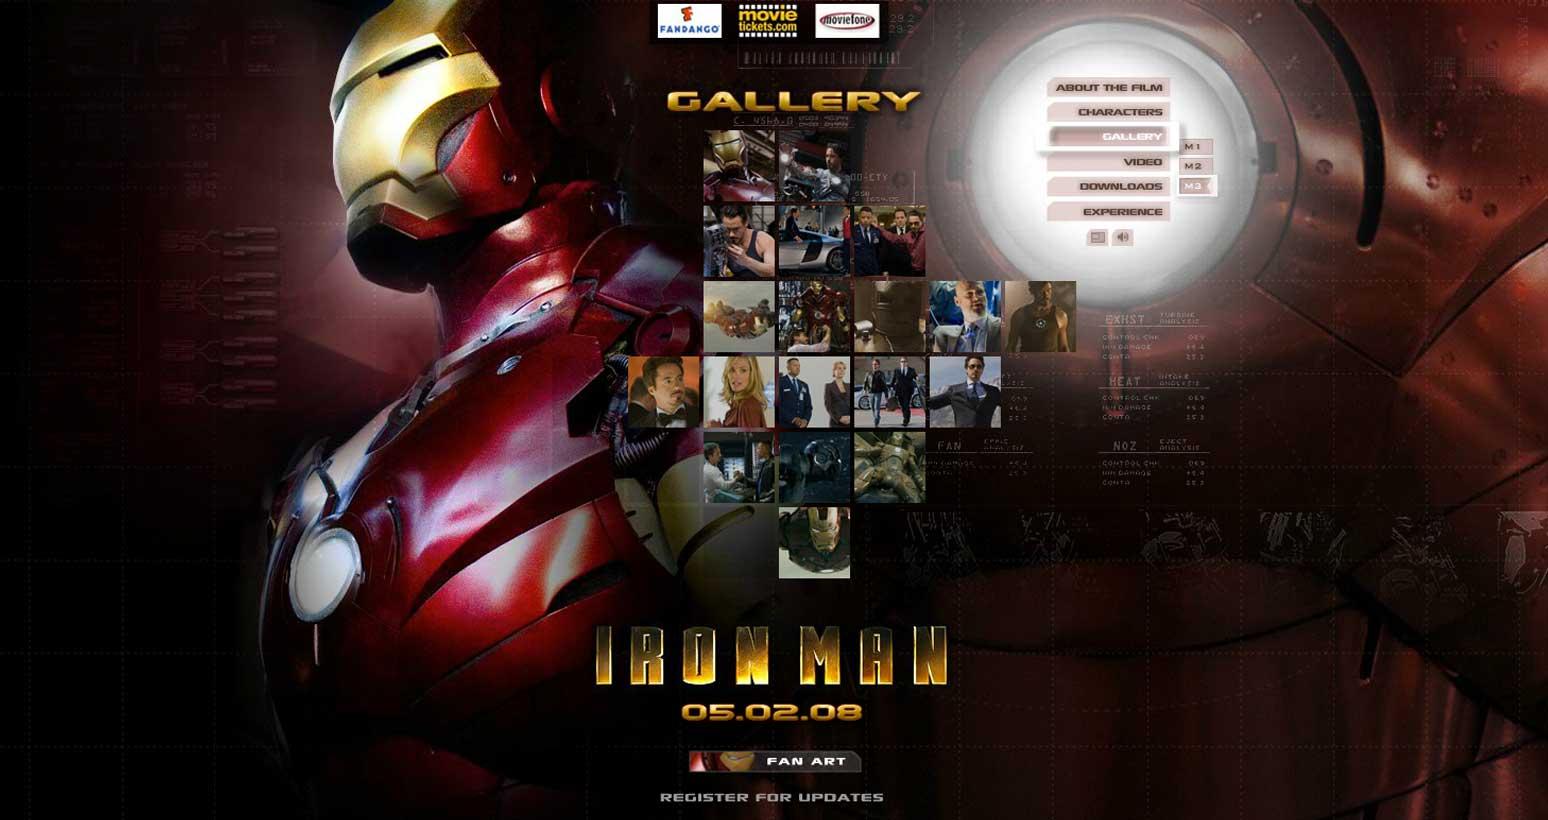 Ironman Website